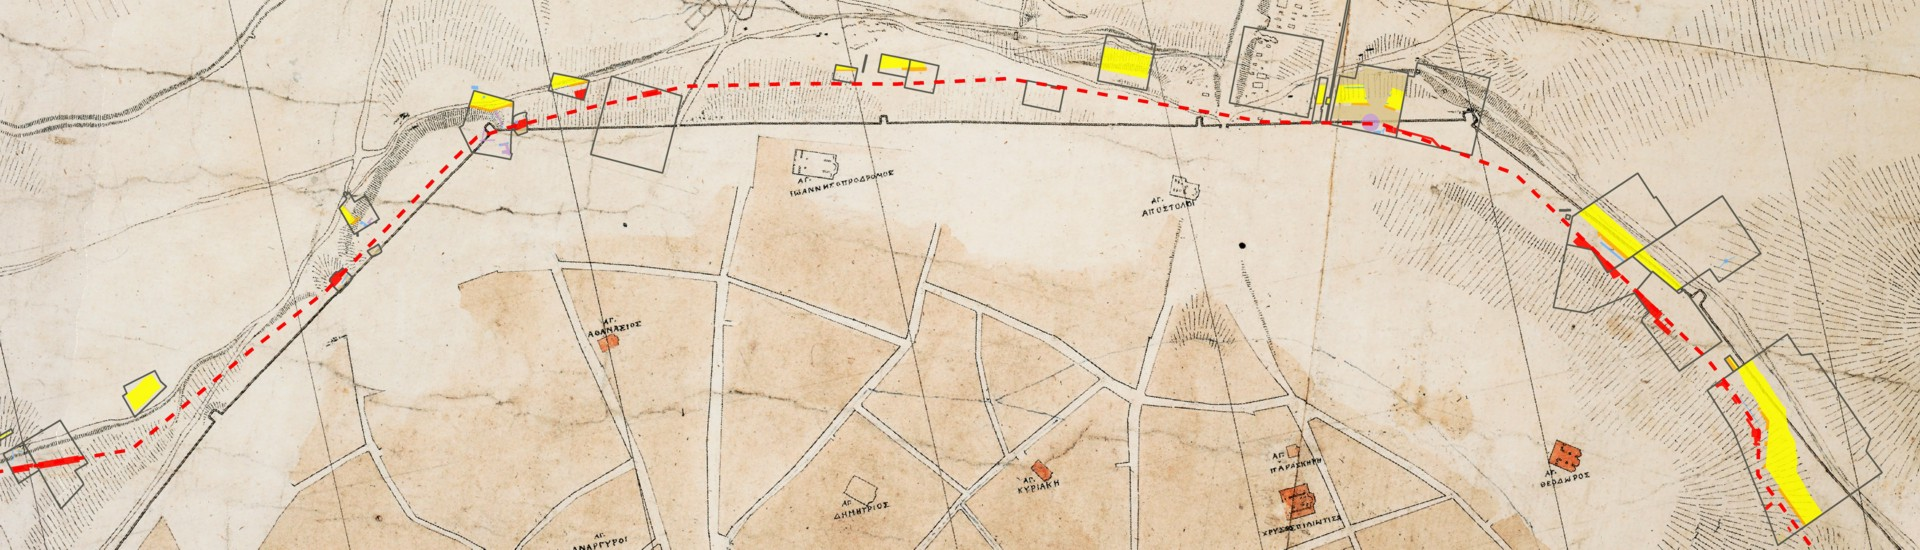 Το βόρειο τμήμα της Αθήνας από τον χάρτη Κλεάνθη-Σάουμπερτ (1831-32) που δείχνει τη γραμμή του τείχους του Χασεκή (1778). Η γραμμή του θεμιστόκλειου τείχους (479/8 π.Χ.) επισημαίνεται (με κόκκινο) σύμφωνα με τα ανασκαφικά κατάλοιπα.